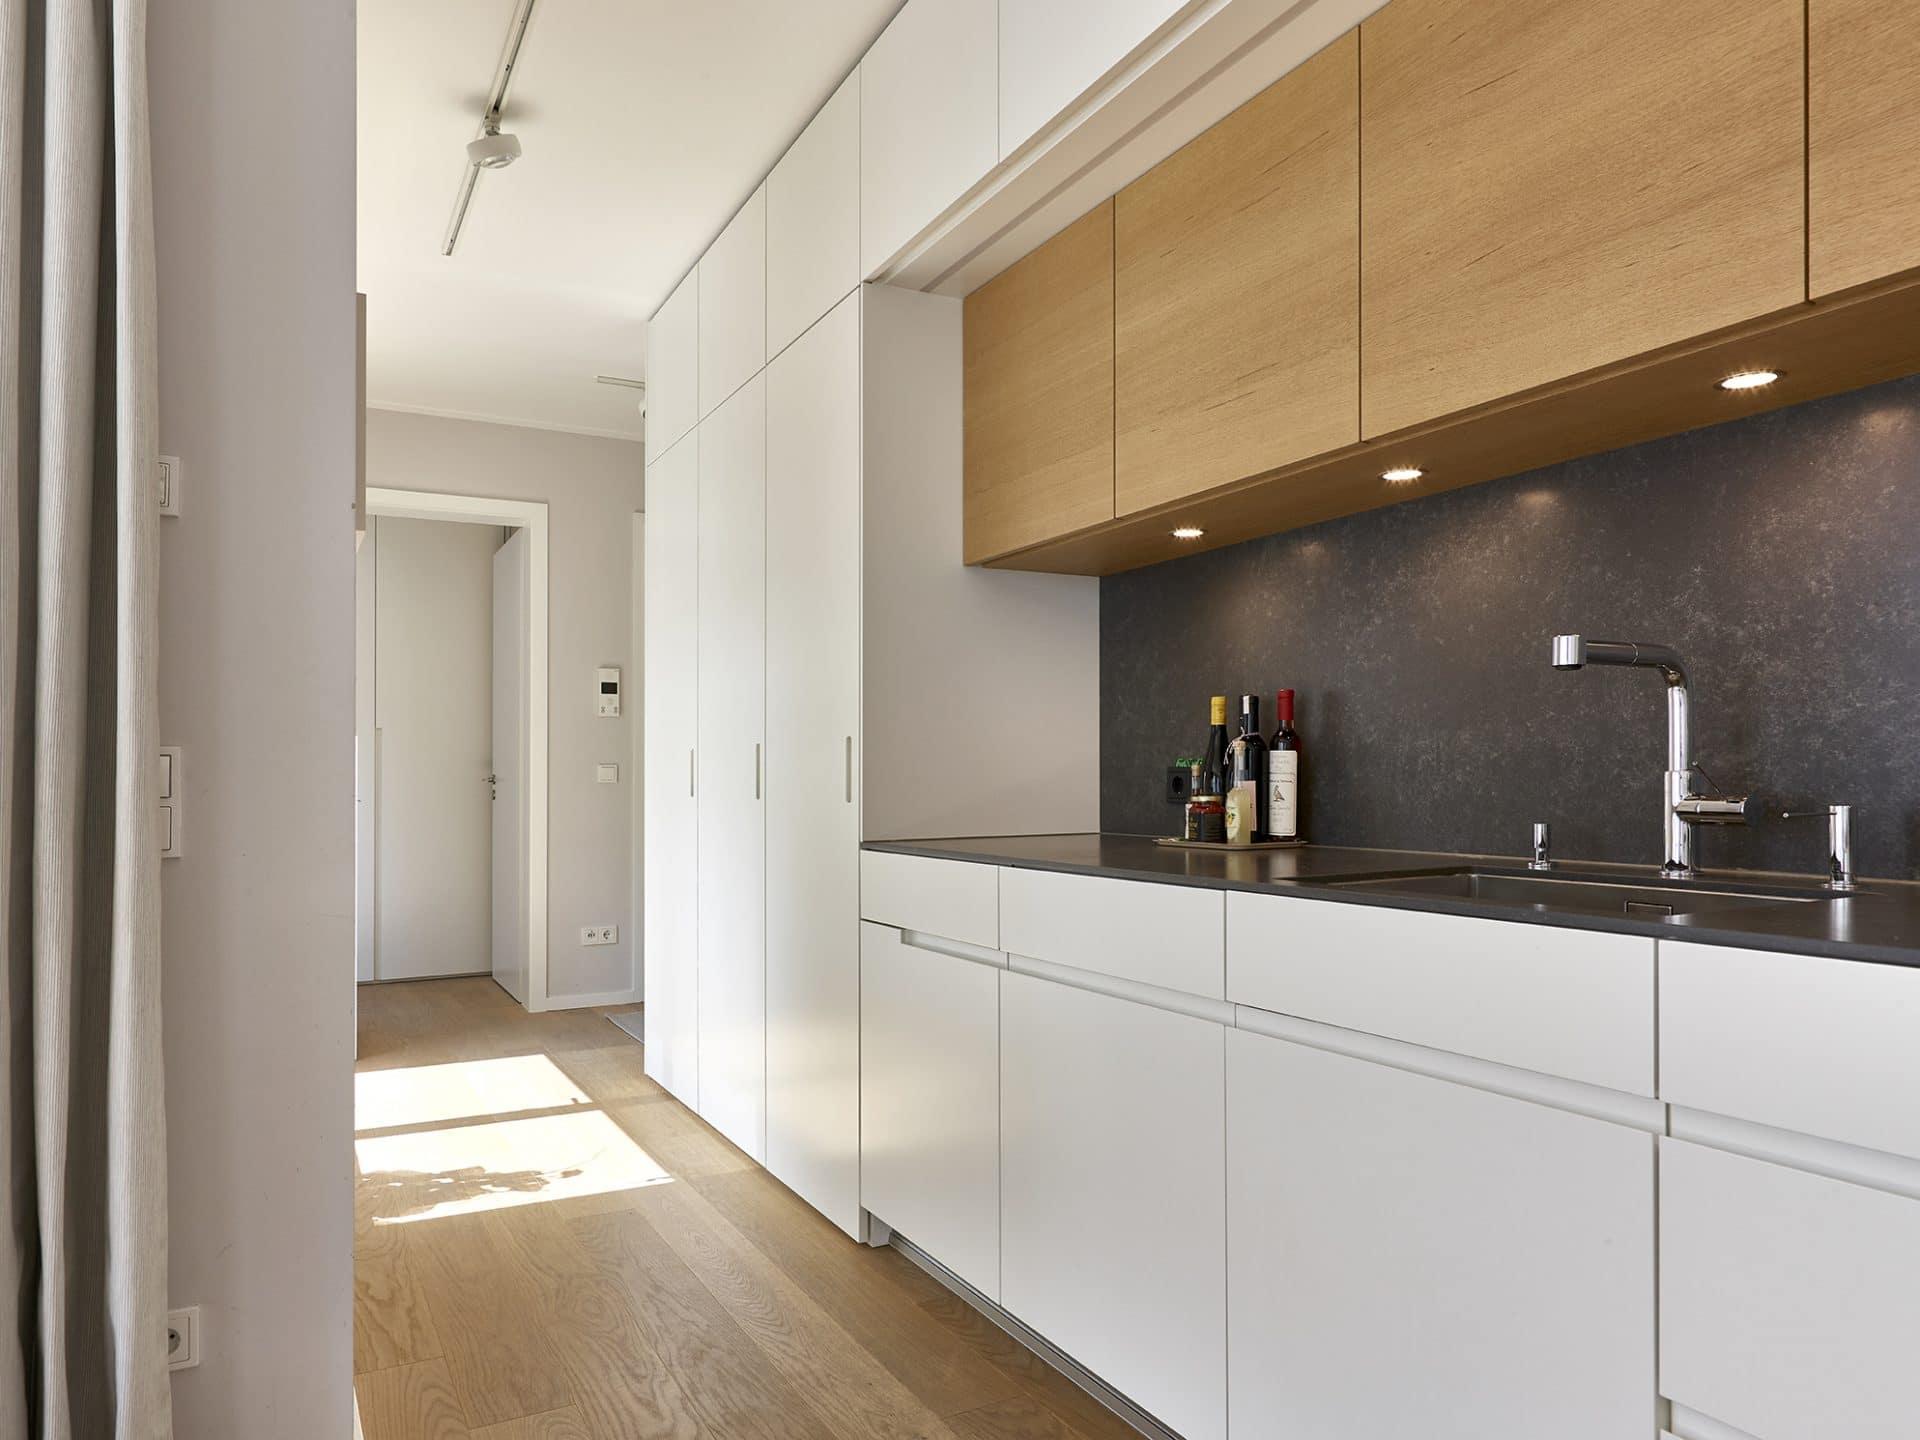 Inneneinrichtungsdesign von Voit, Küche mit weißen Fronten und schwarzer Arbeitsplatte, Eiche natur, BetonART, Mattlack weiß, Edelstahl als zusätzliche Materialien